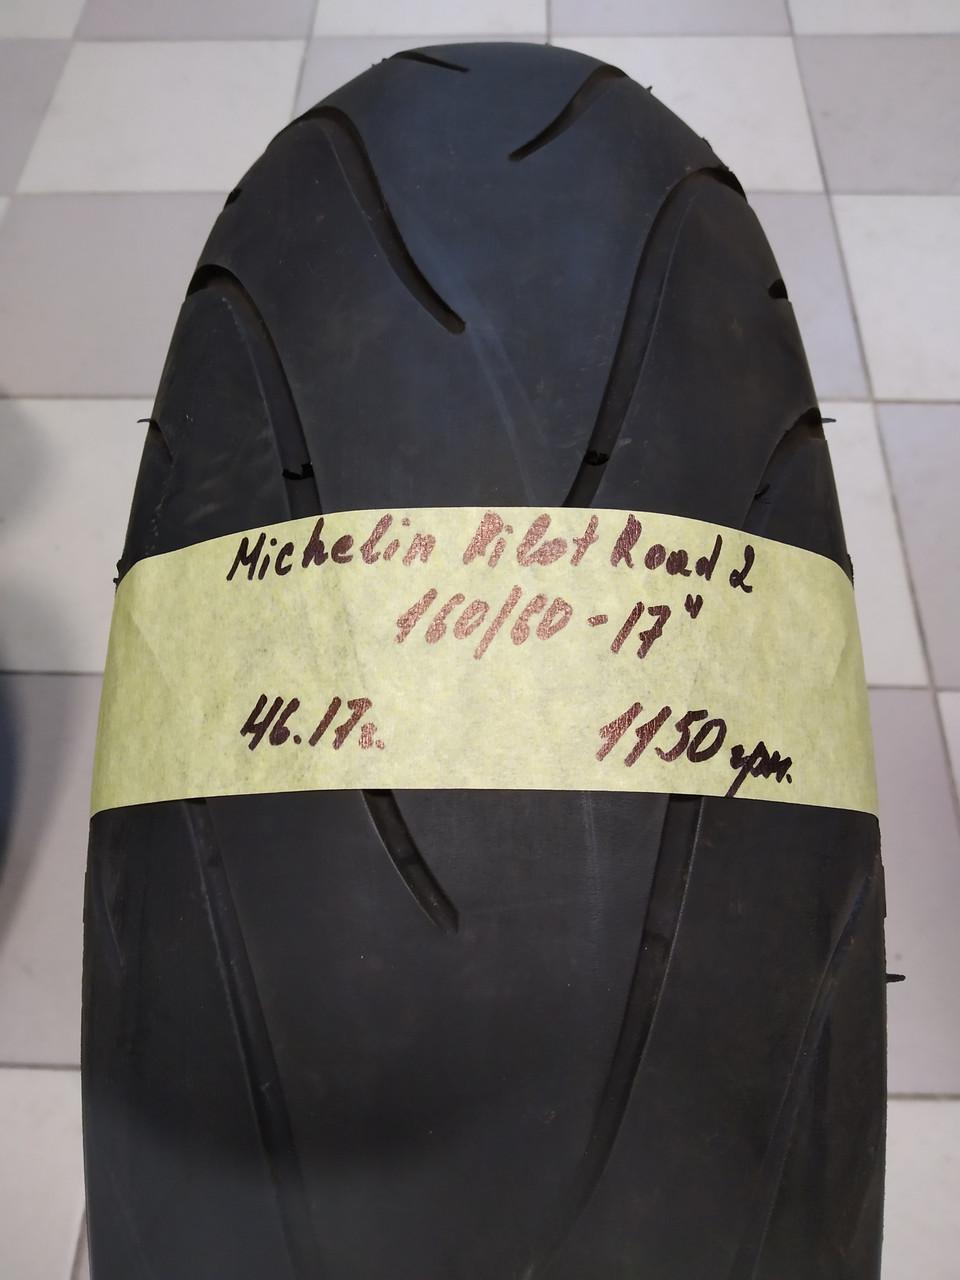 Michelin Pilot Road 2 160 60 17 (46,17) Мото  резина покрышка колесо